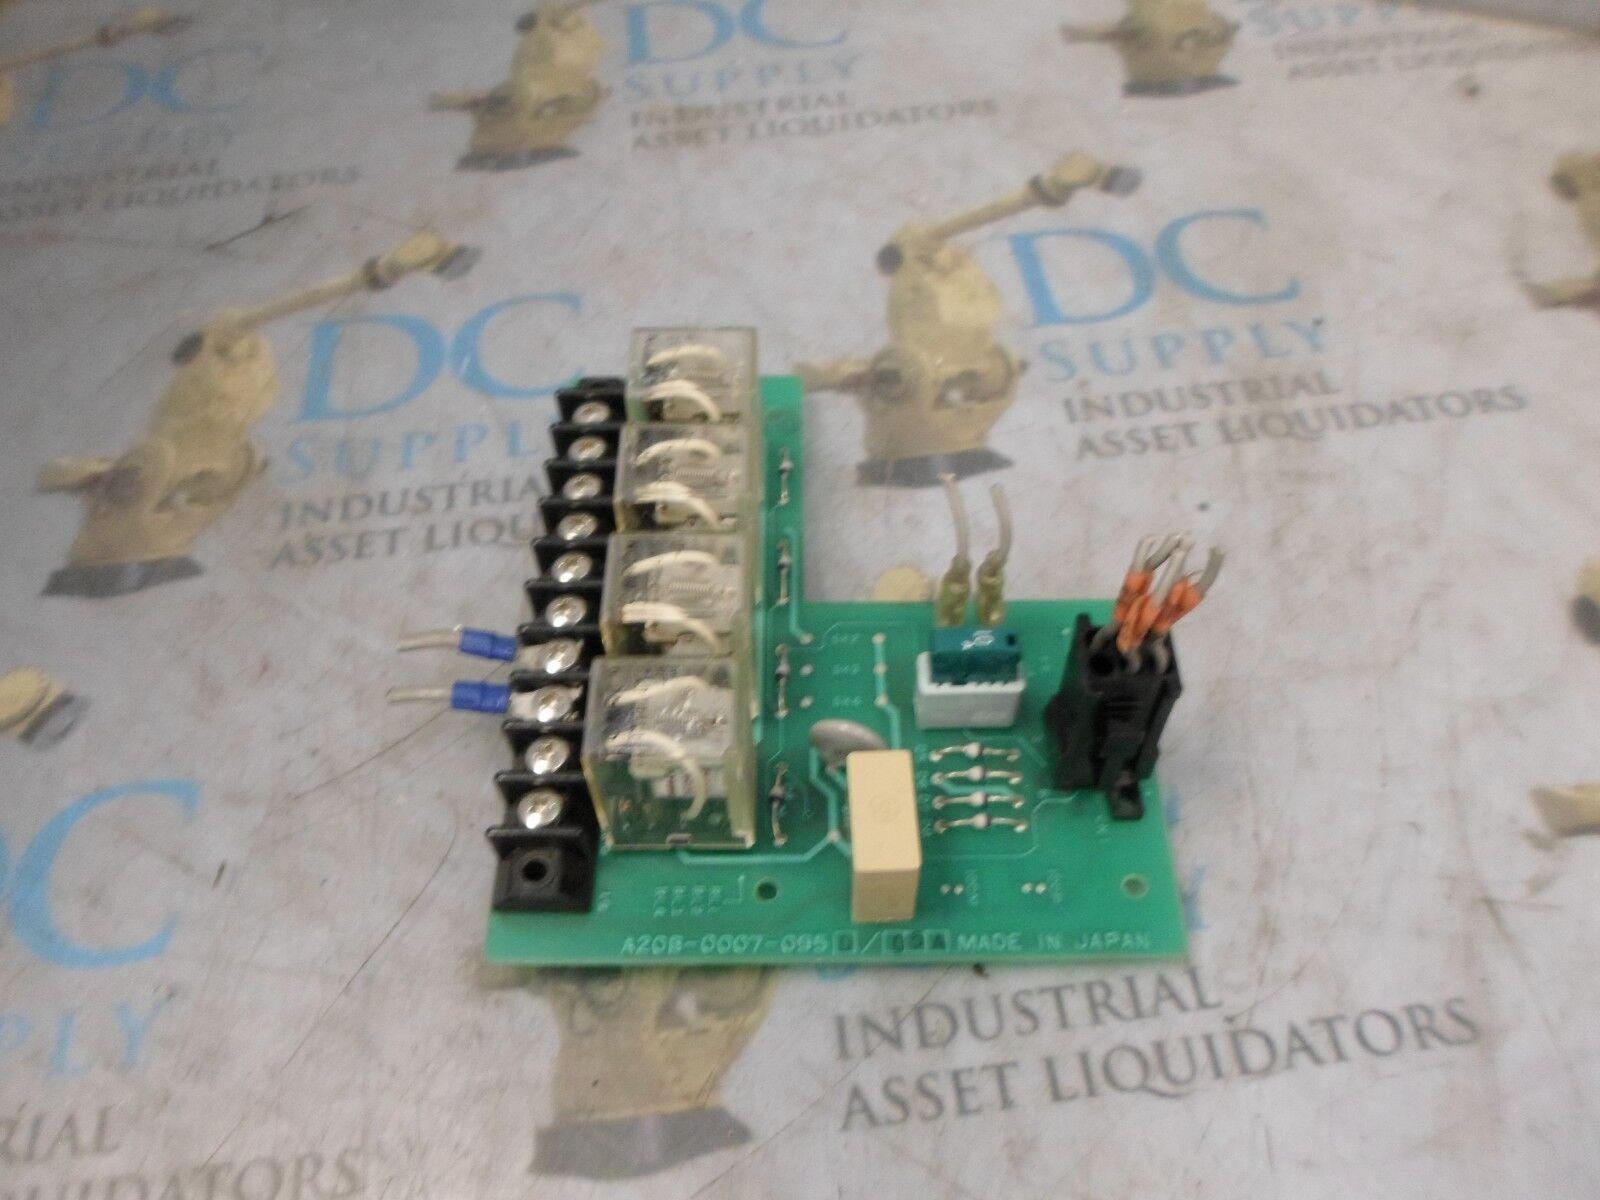 FANUC A20B-0007-0950 05A RELAY CIRCUIT BOARD